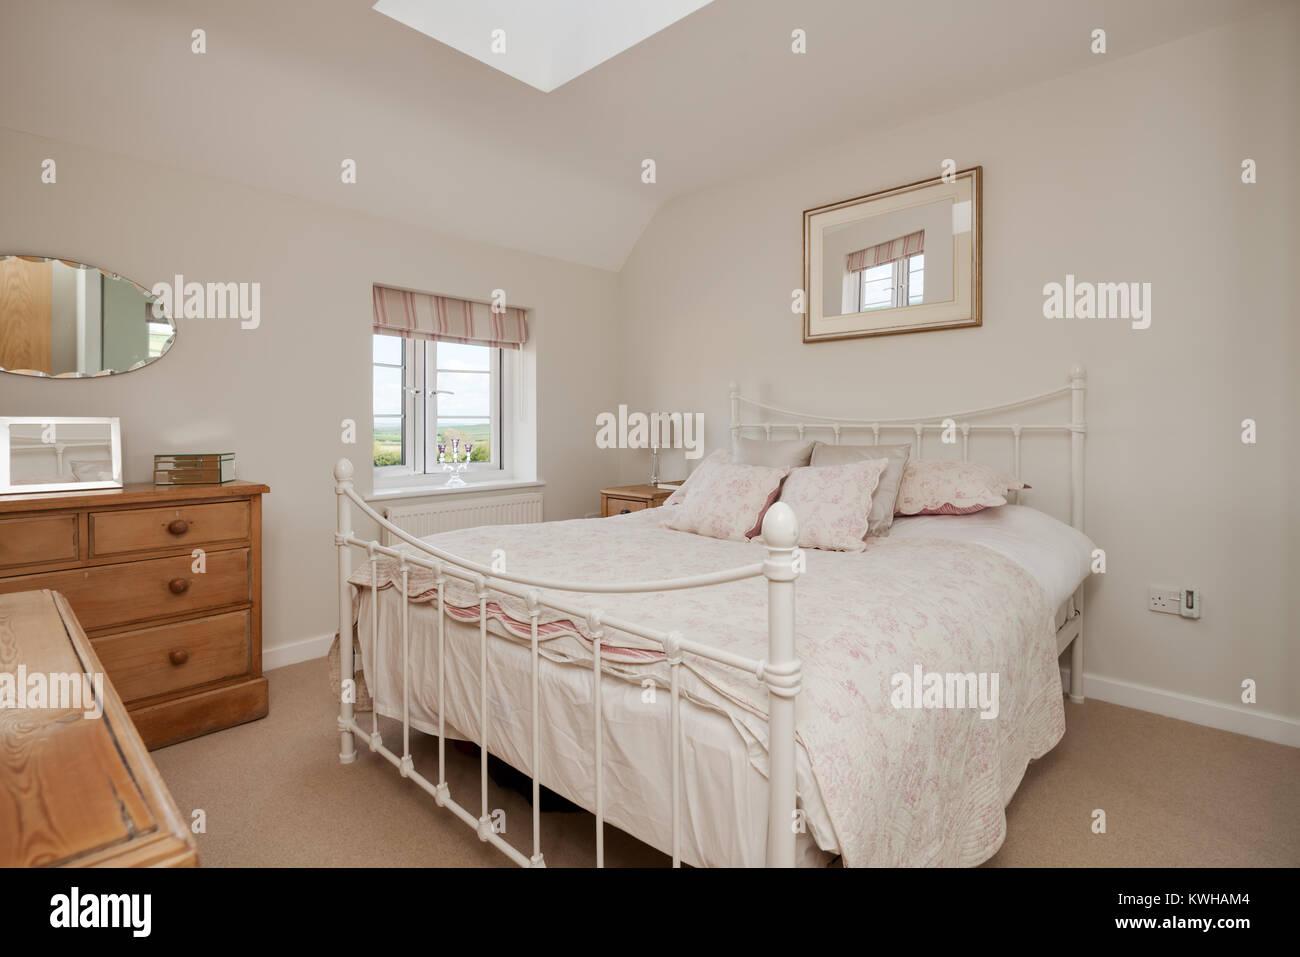 Dormitorio estilo casa de campo tradicional modestamente vestida con ...